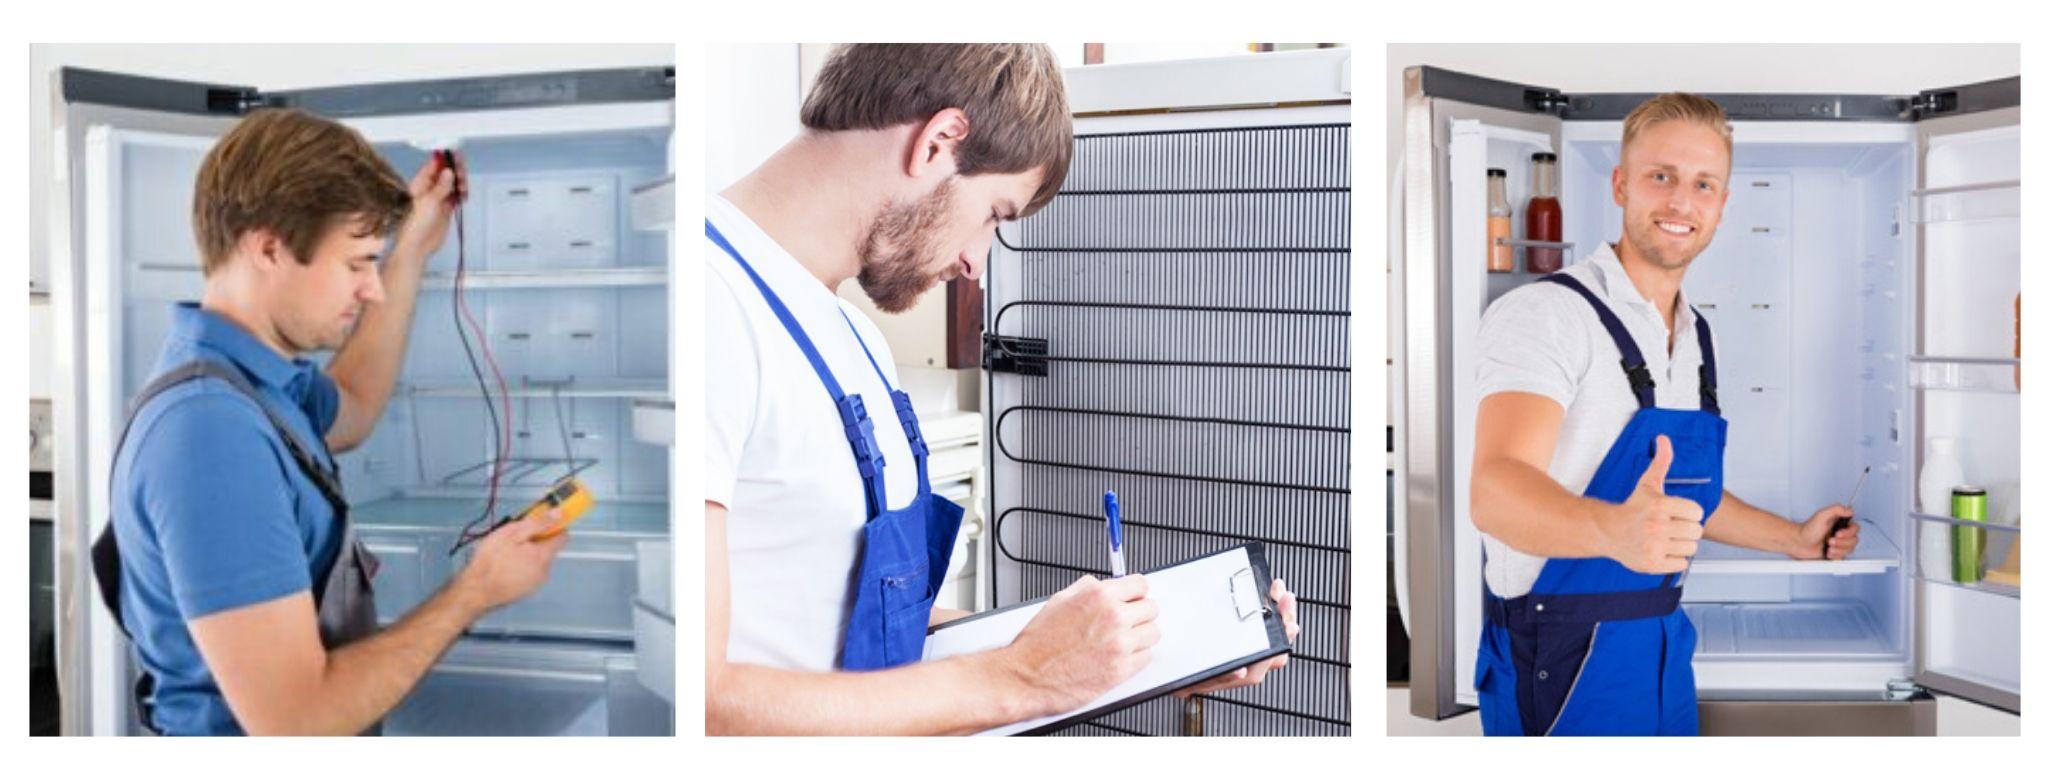 Неисправности холодильников и способы их устранения